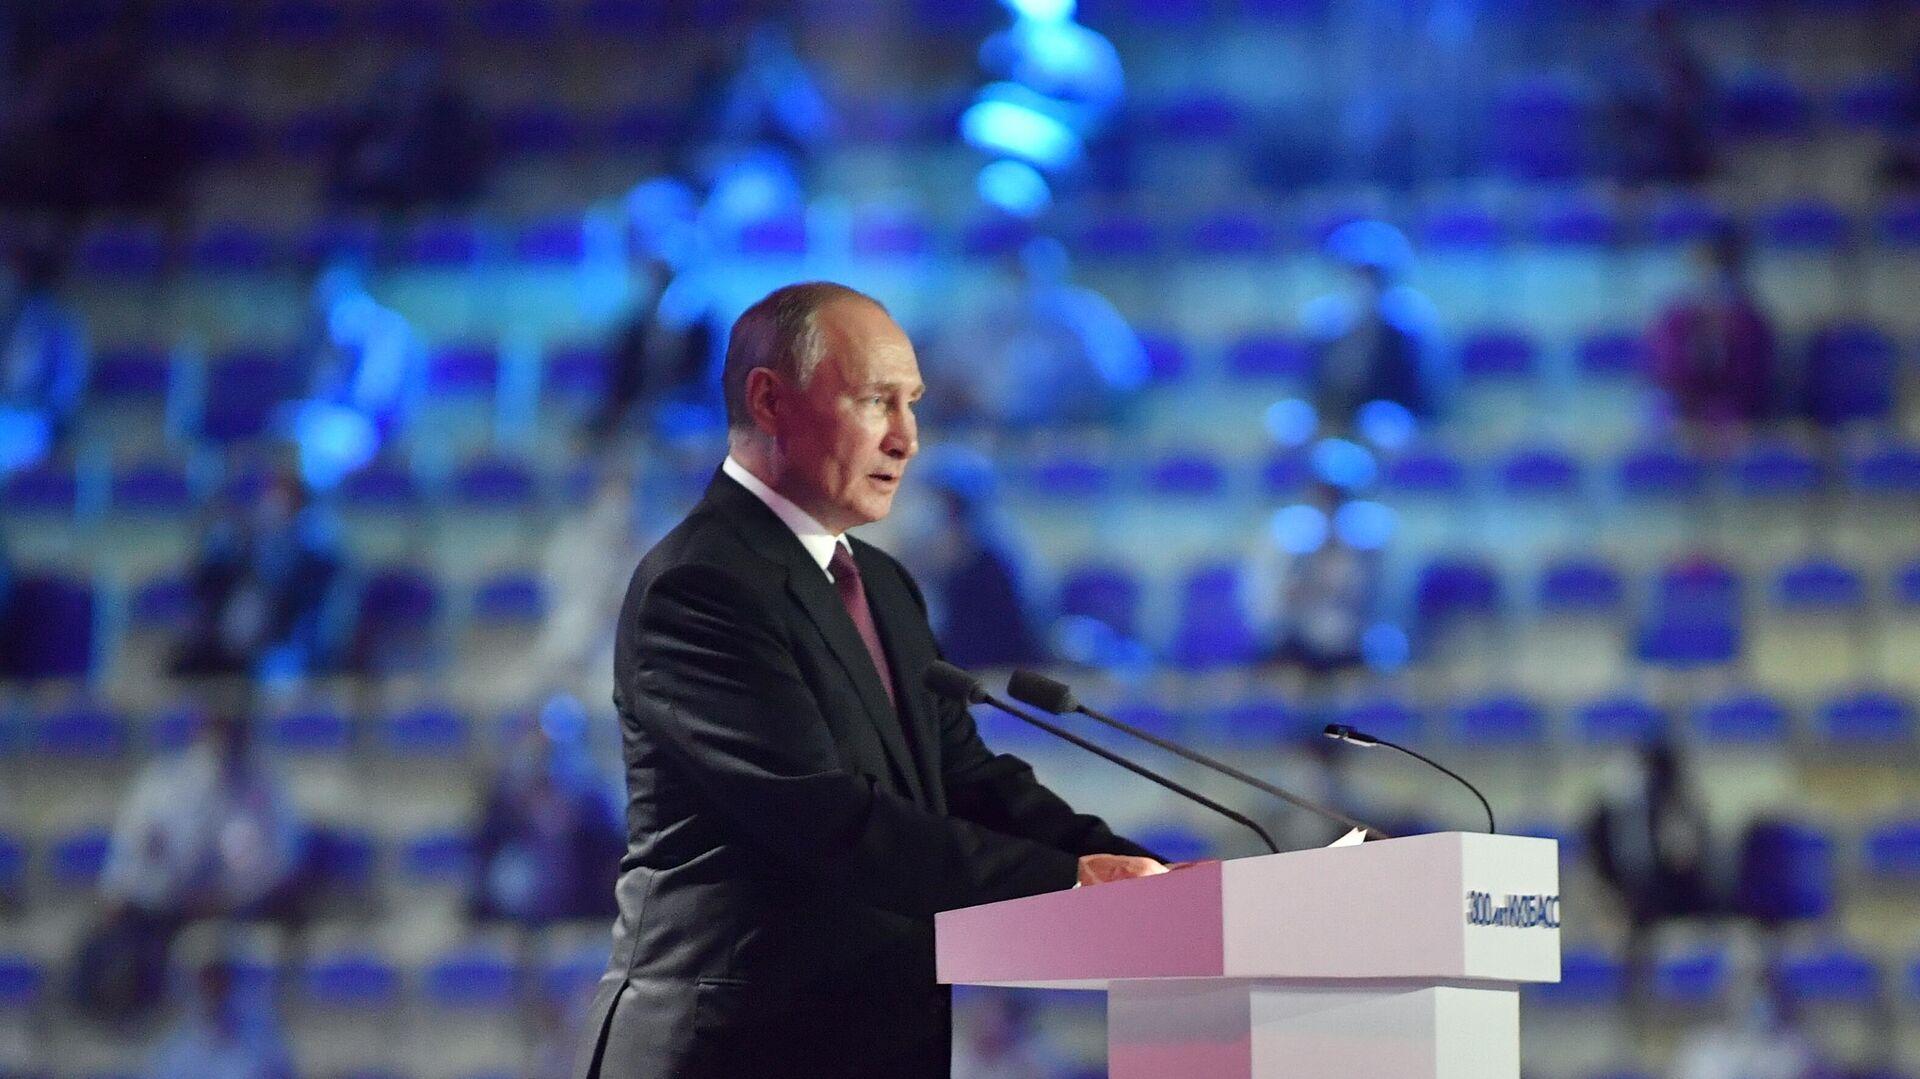 Президент РФ Владимир Путин выступает на торжественном вечере в Кемерово по случаю 300-летия Кузбасса - РИА Новости, 1920, 06.07.2021